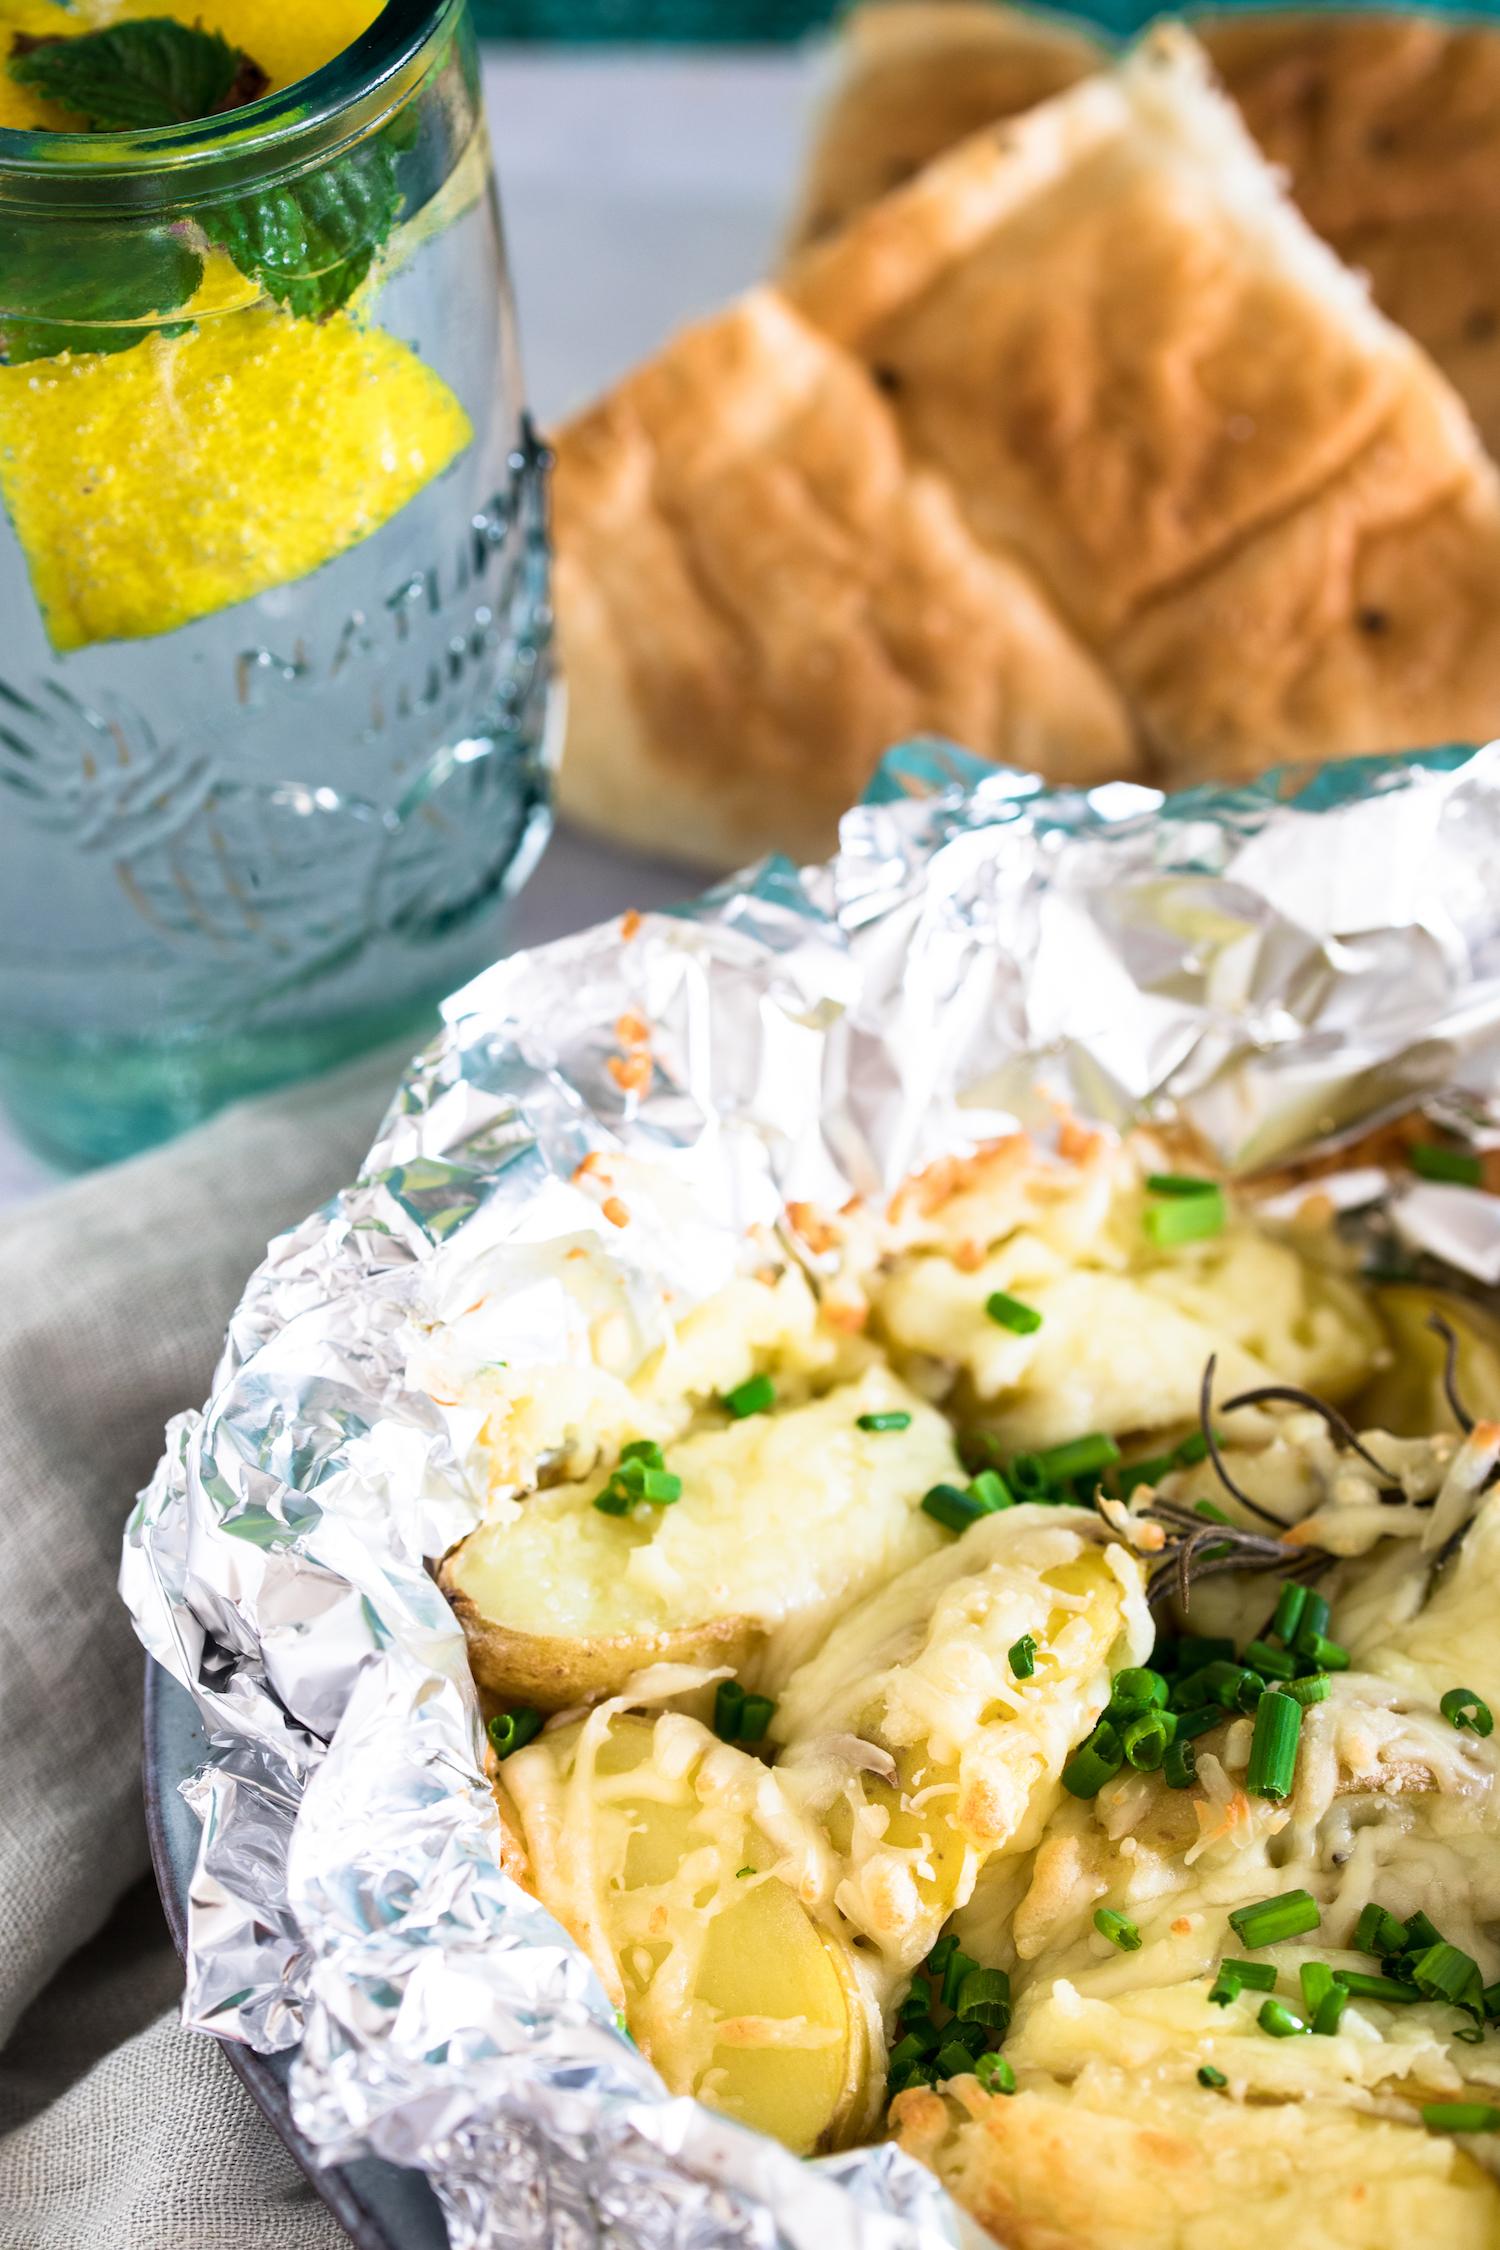 Das Käse-Kartoffelpaket in Alufolie ist schnell gemacht und ein perfektes vegetarisches Grillrezept.